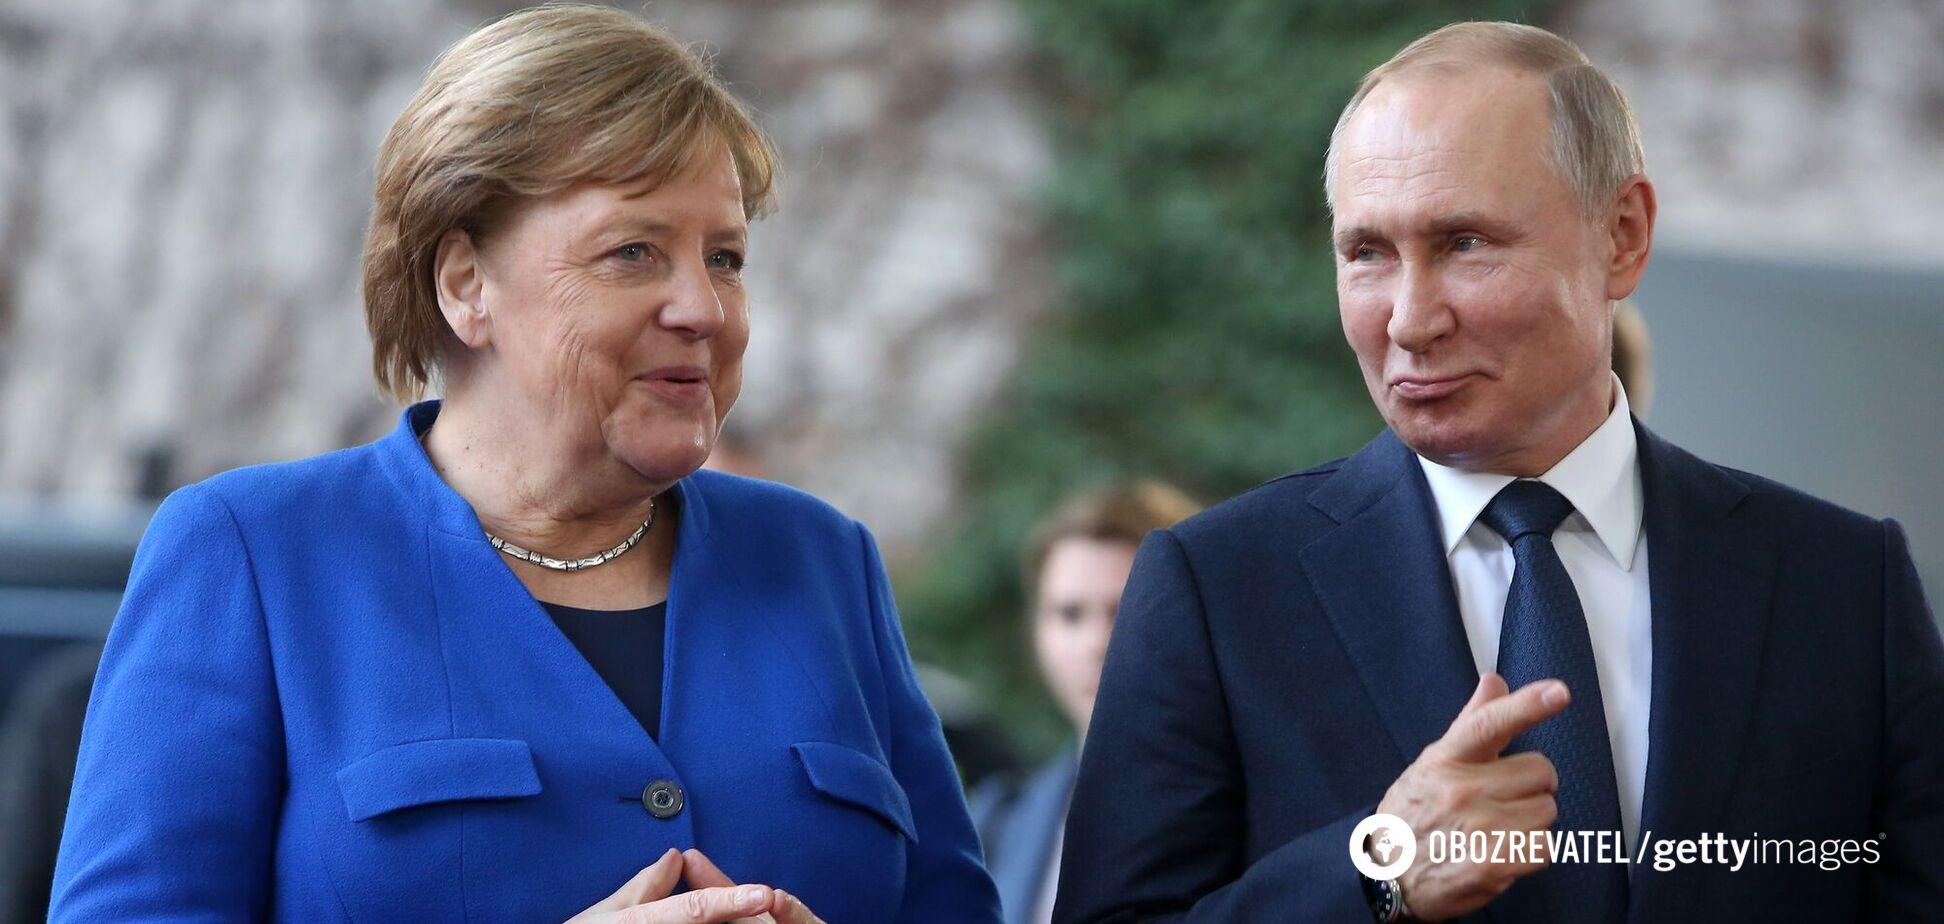 Меркель відповіла на запитання, чи вважає Путіна 'вбивцею'. Відео